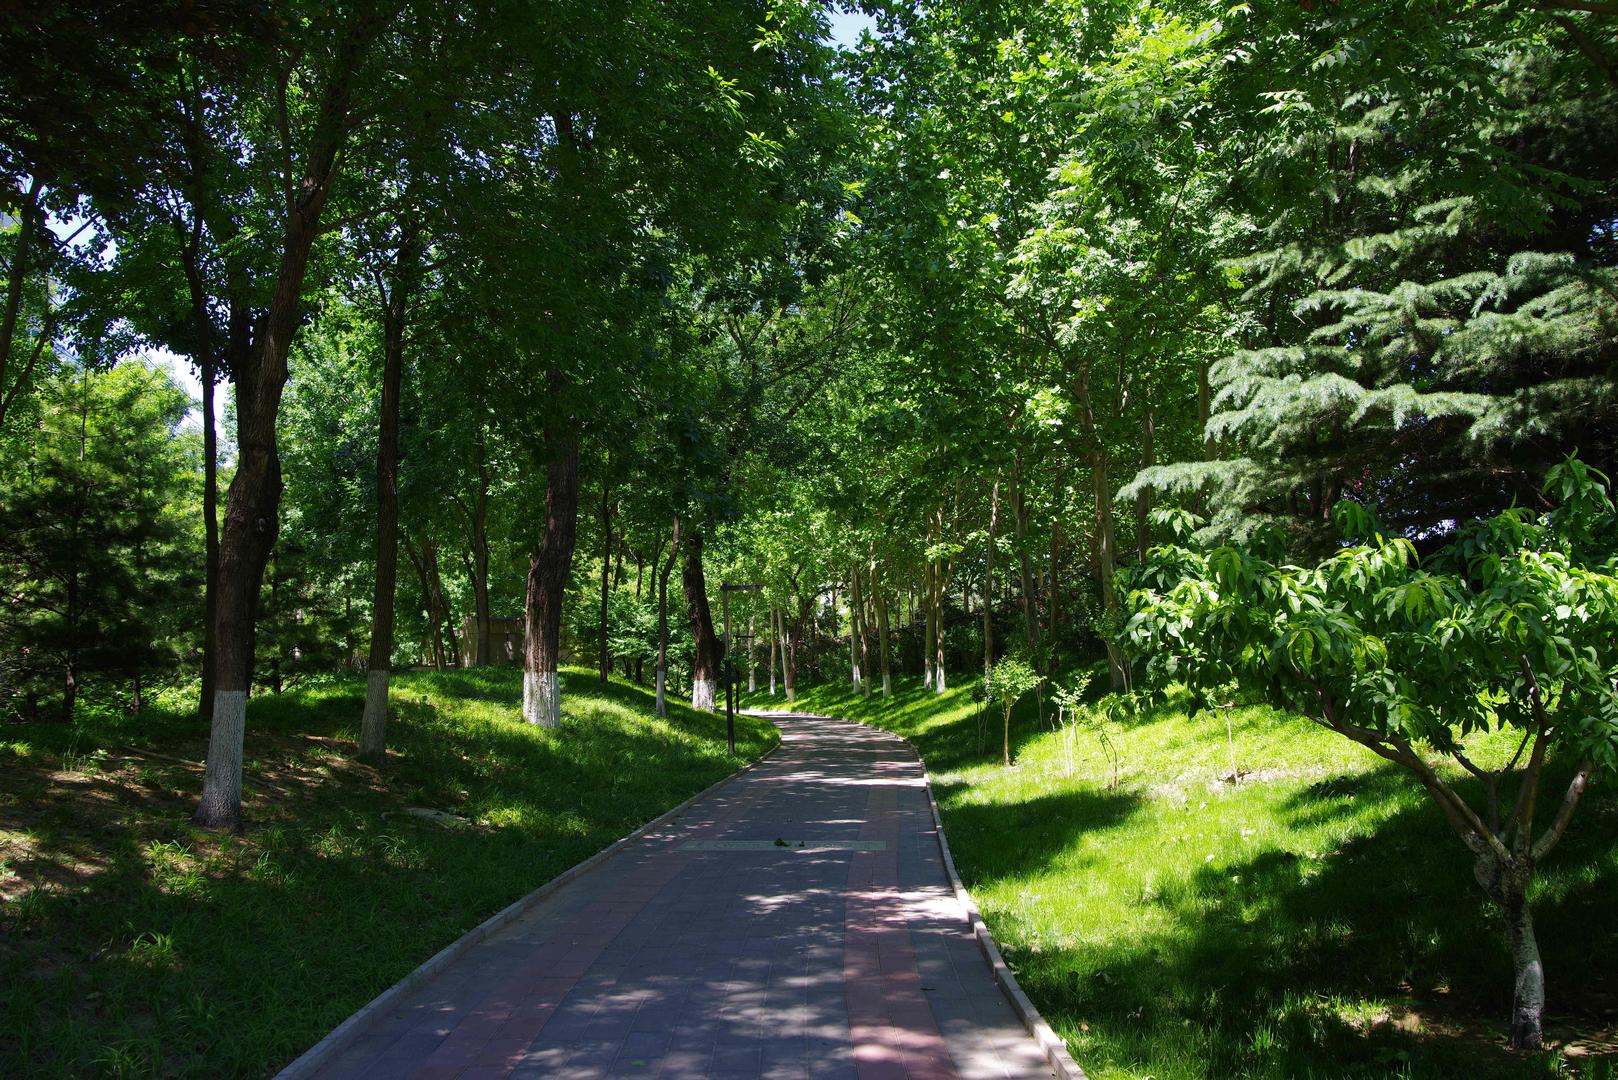 原创昆玉河水景观走廊三大主题公园之一金源娱乐园